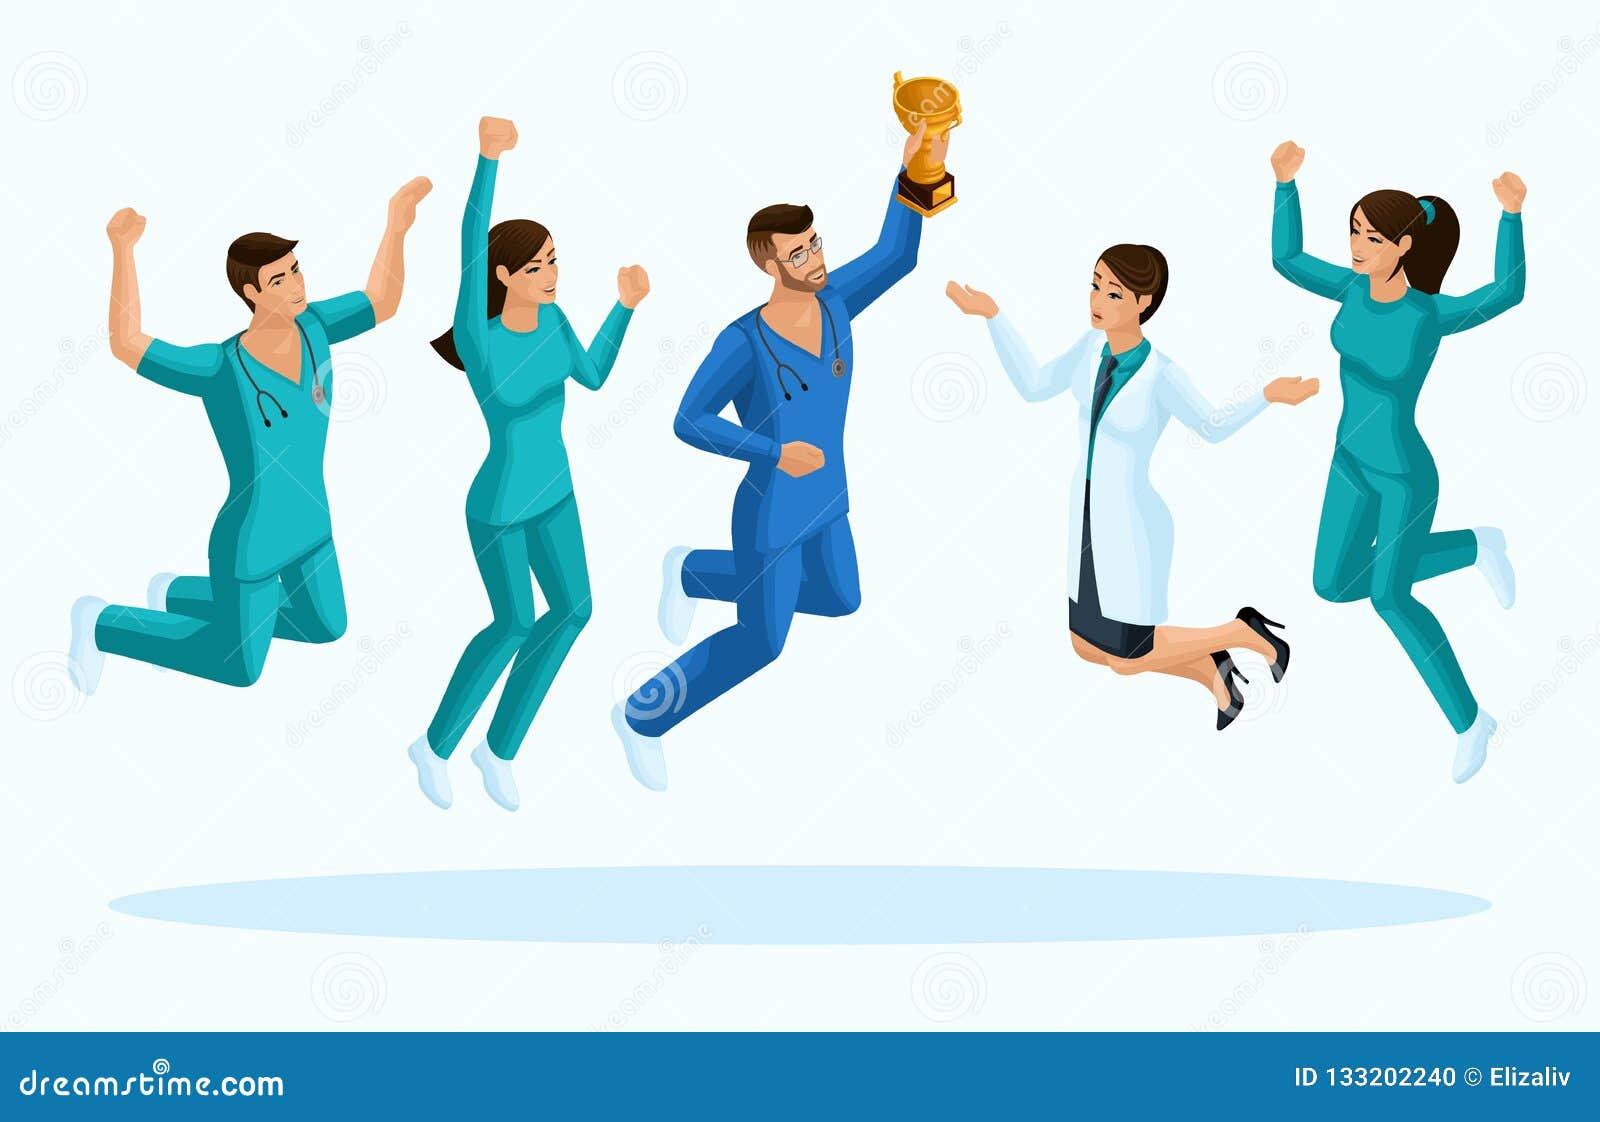 Kvalitets- Isometry, doktorer 3D och en sjuksköterska, hopp, glädje lyckan av medicinska personaler, för annonsering av begrepp